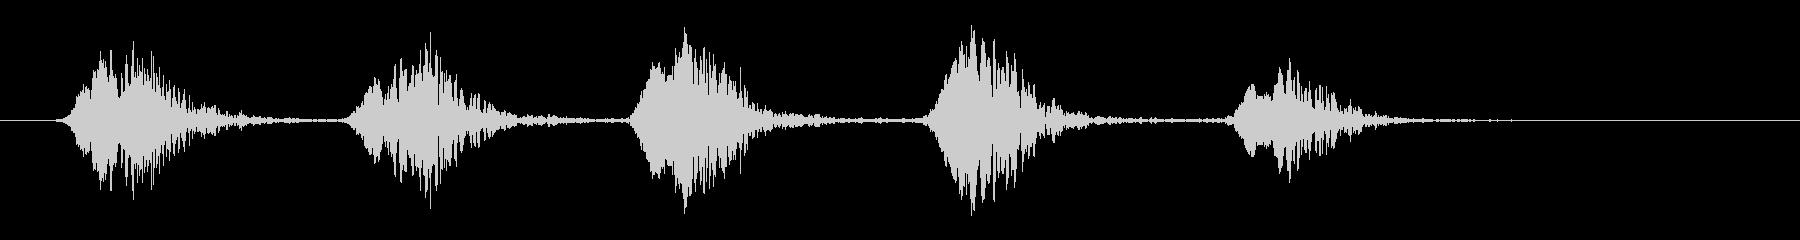 カーカー_カラスの鳴き声の未再生の波形